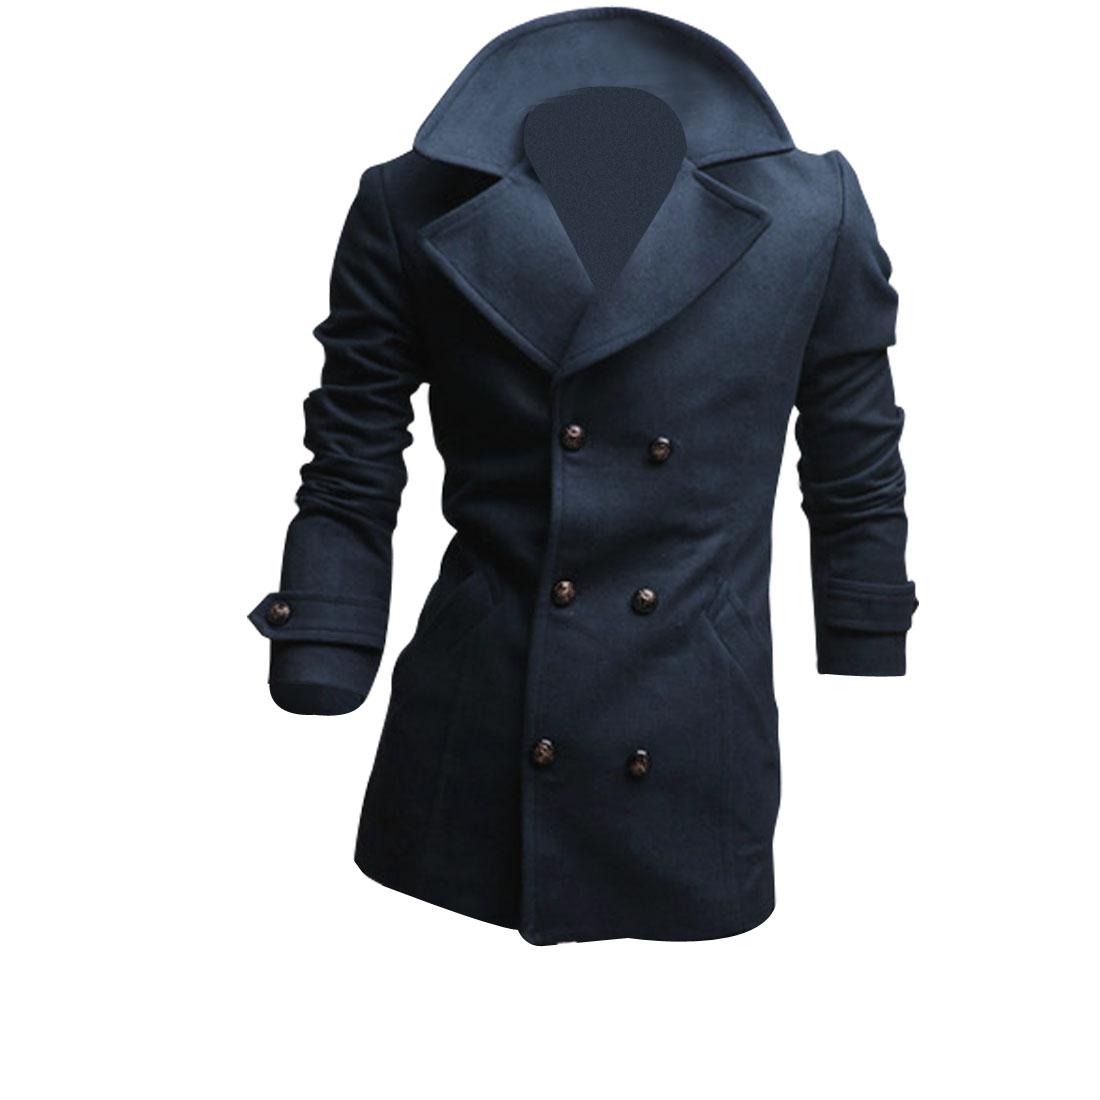 Navy Blue M Notched Lapel Button Front Closure Slim Fit Men Jacket